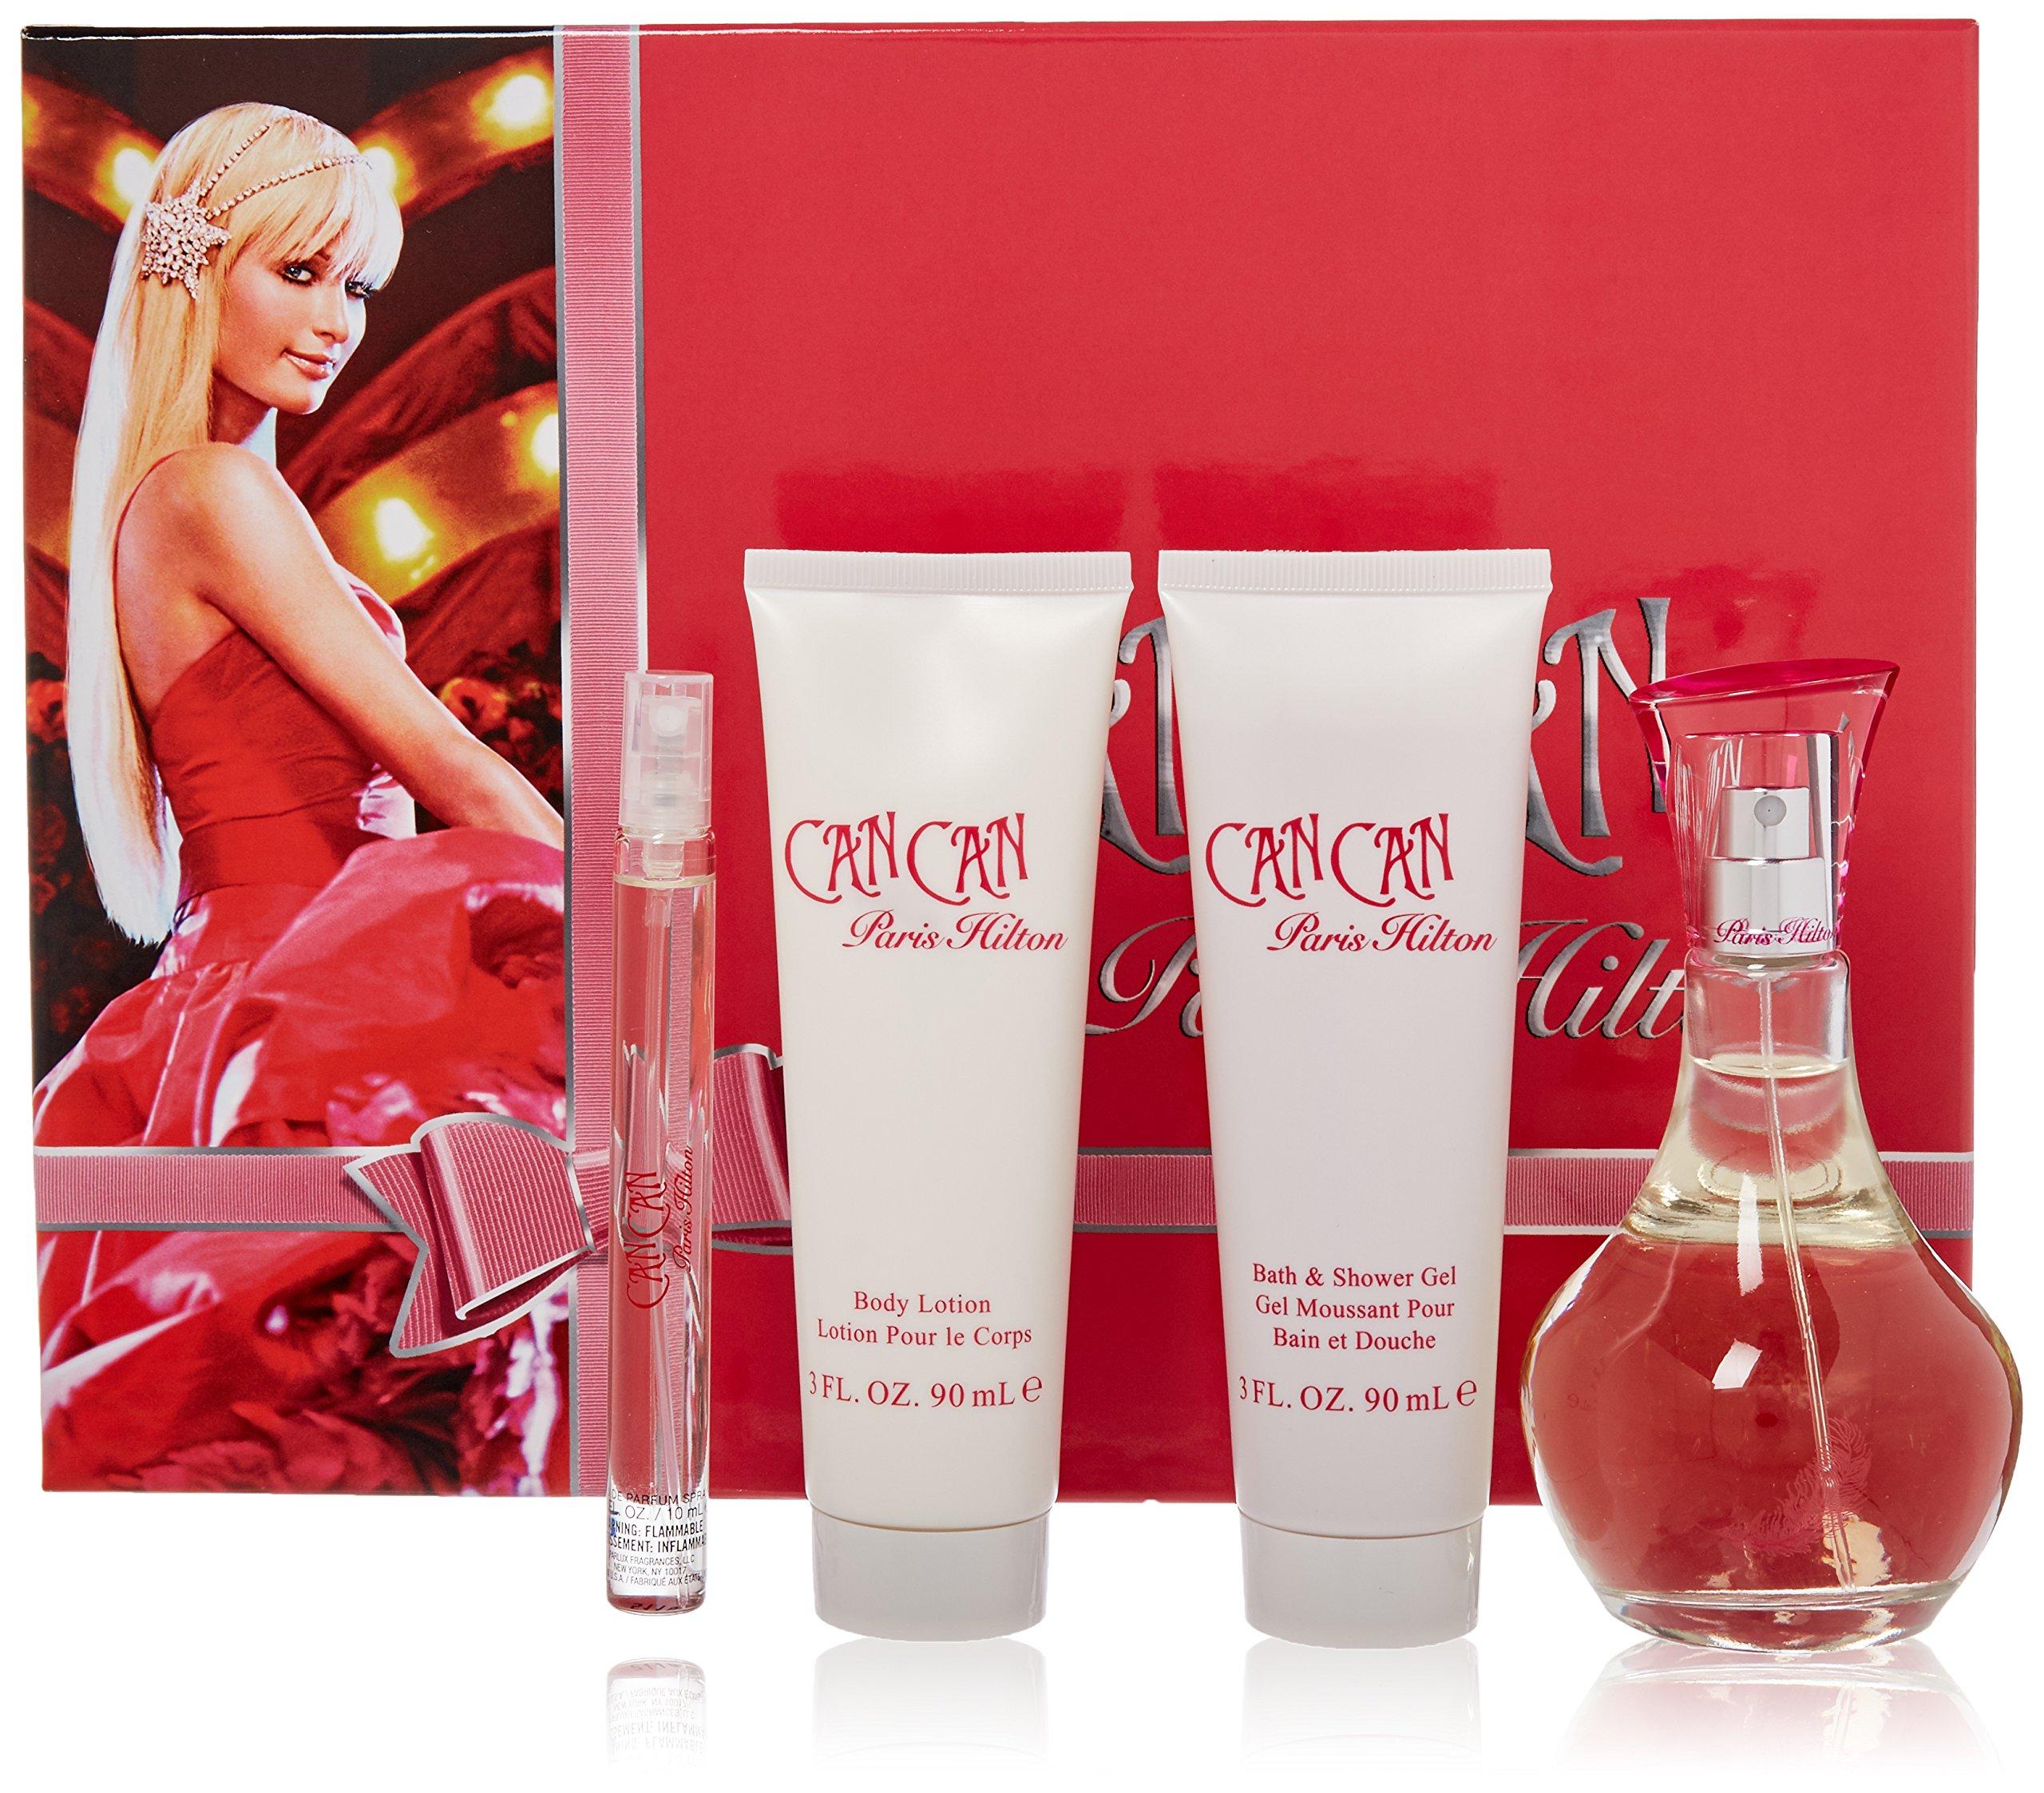 Paris Hilton Can Can Fragrance Set, 4 Count